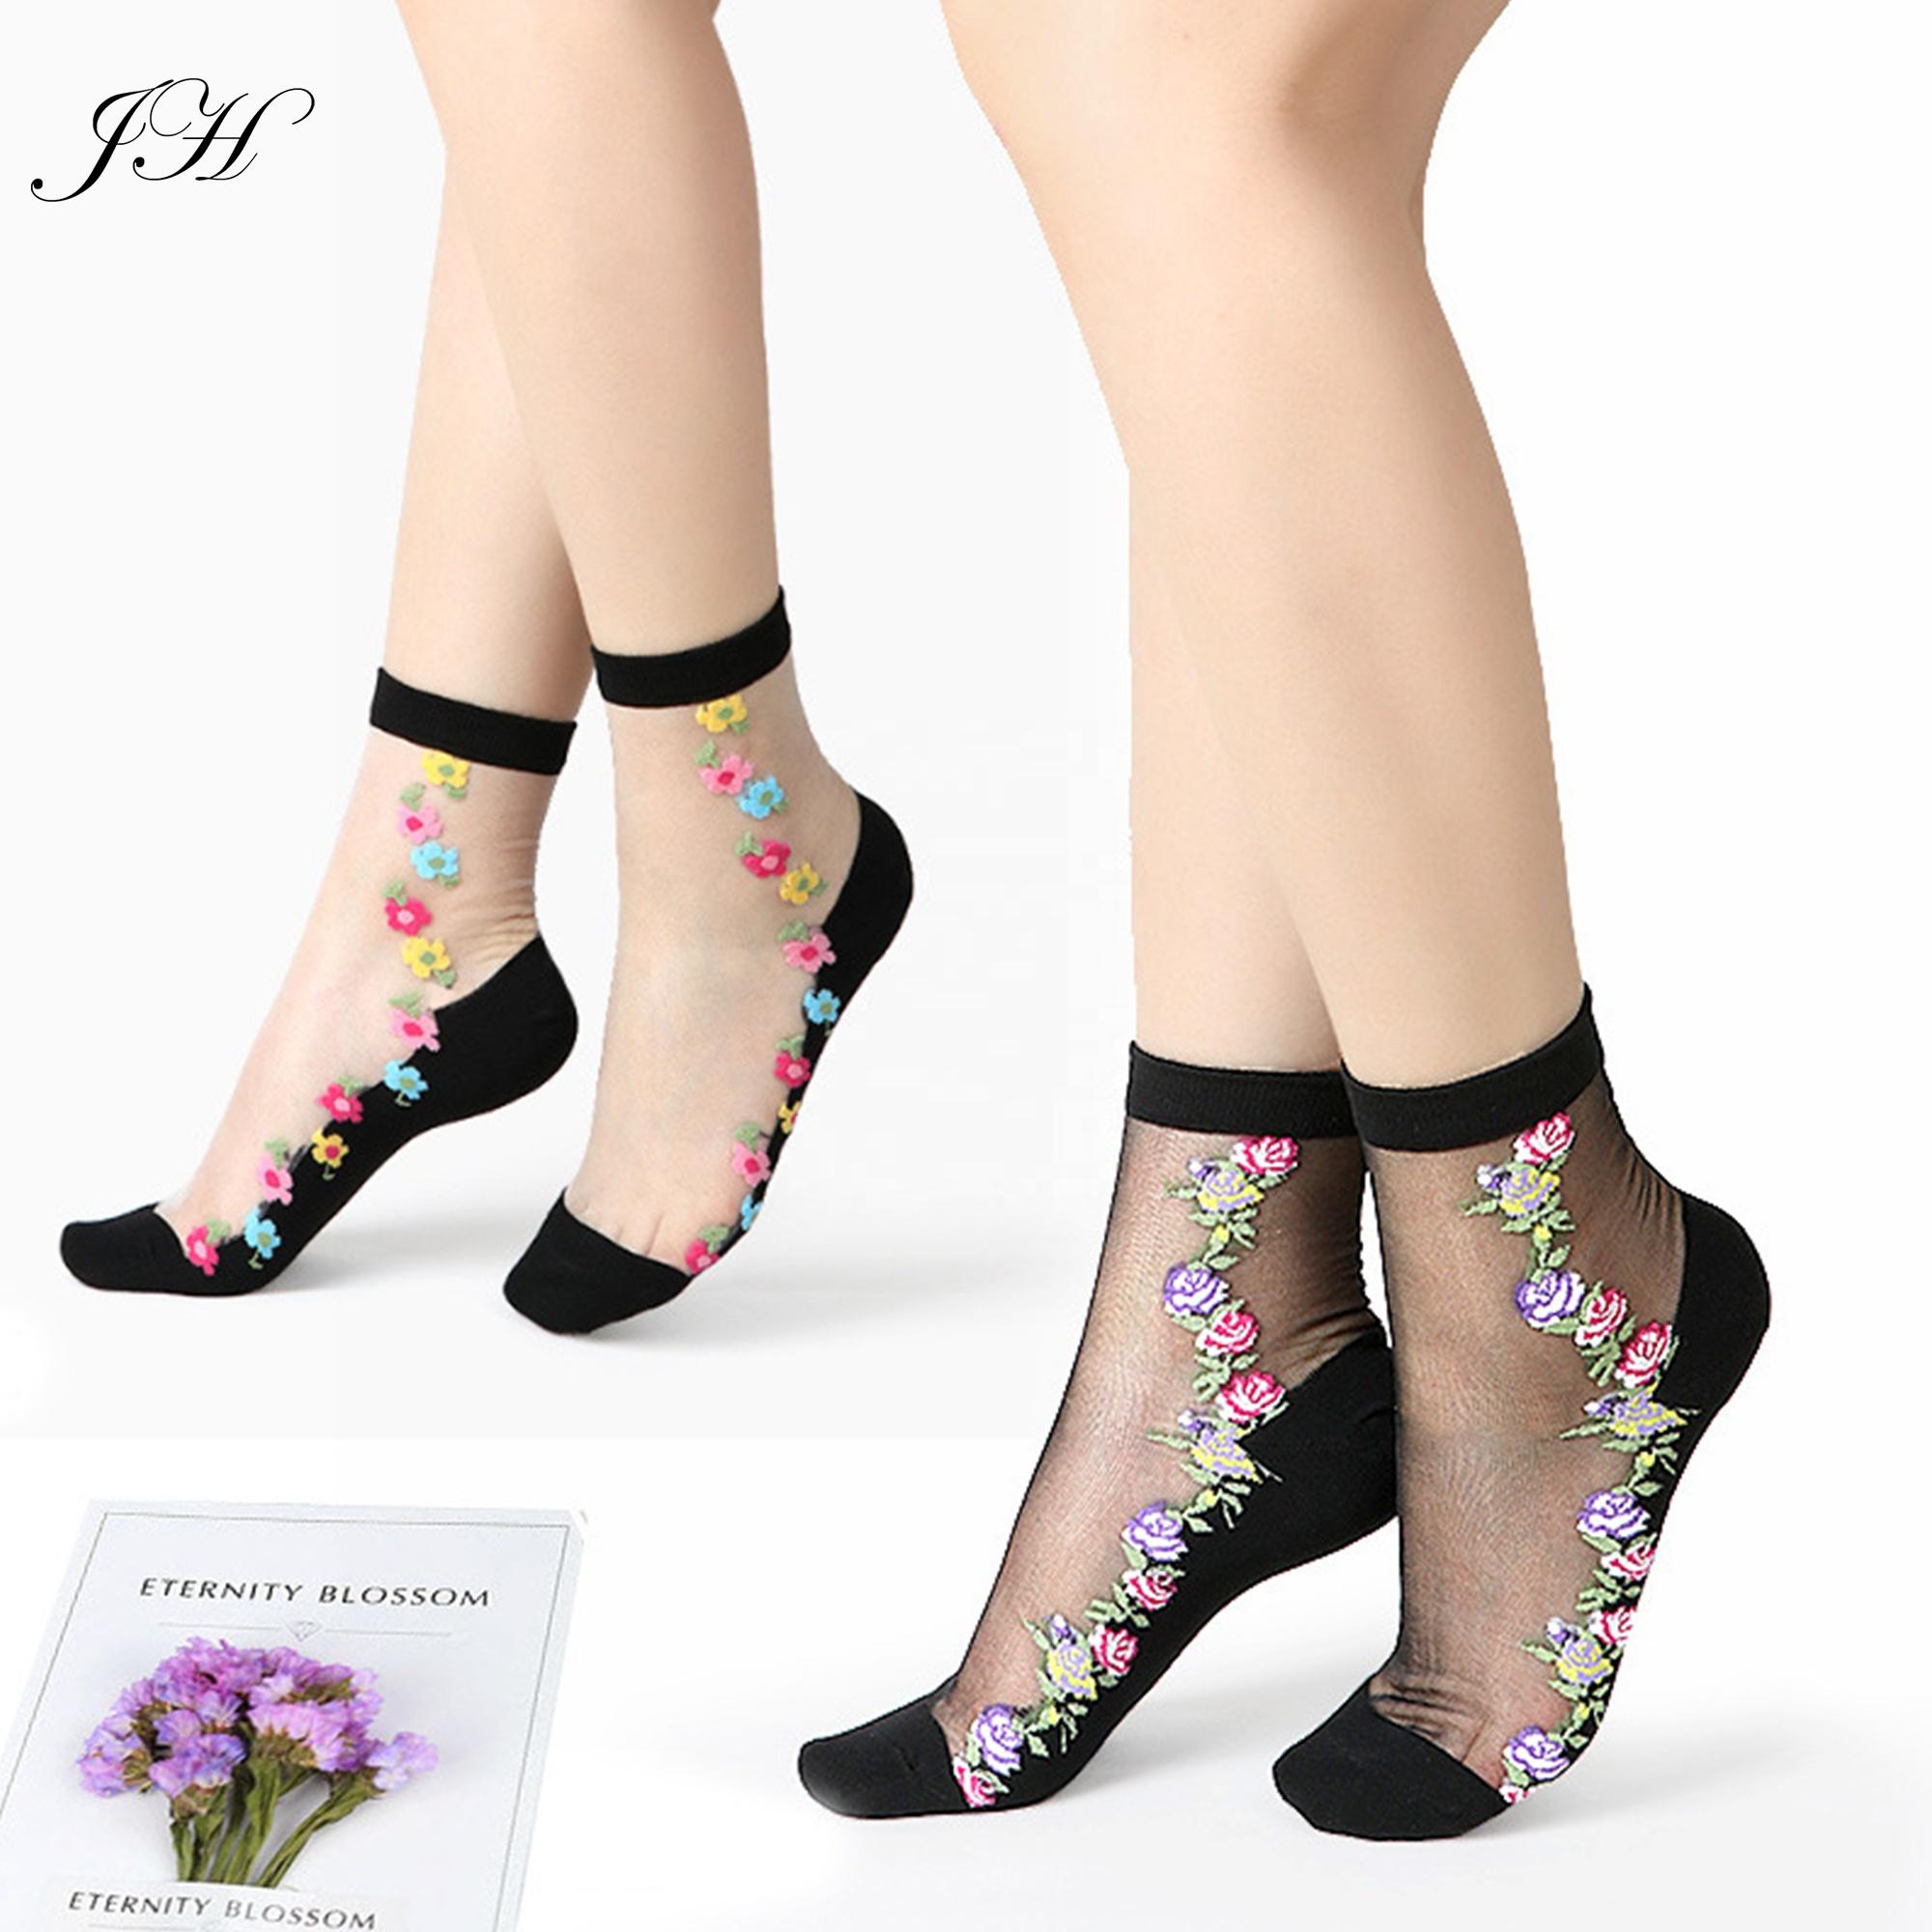 2019 yeni kadın çiçek jakarlı ayak bileği çorap şeffaf kaygan pamuk alt dantel ince kristal ipek rahat çorap